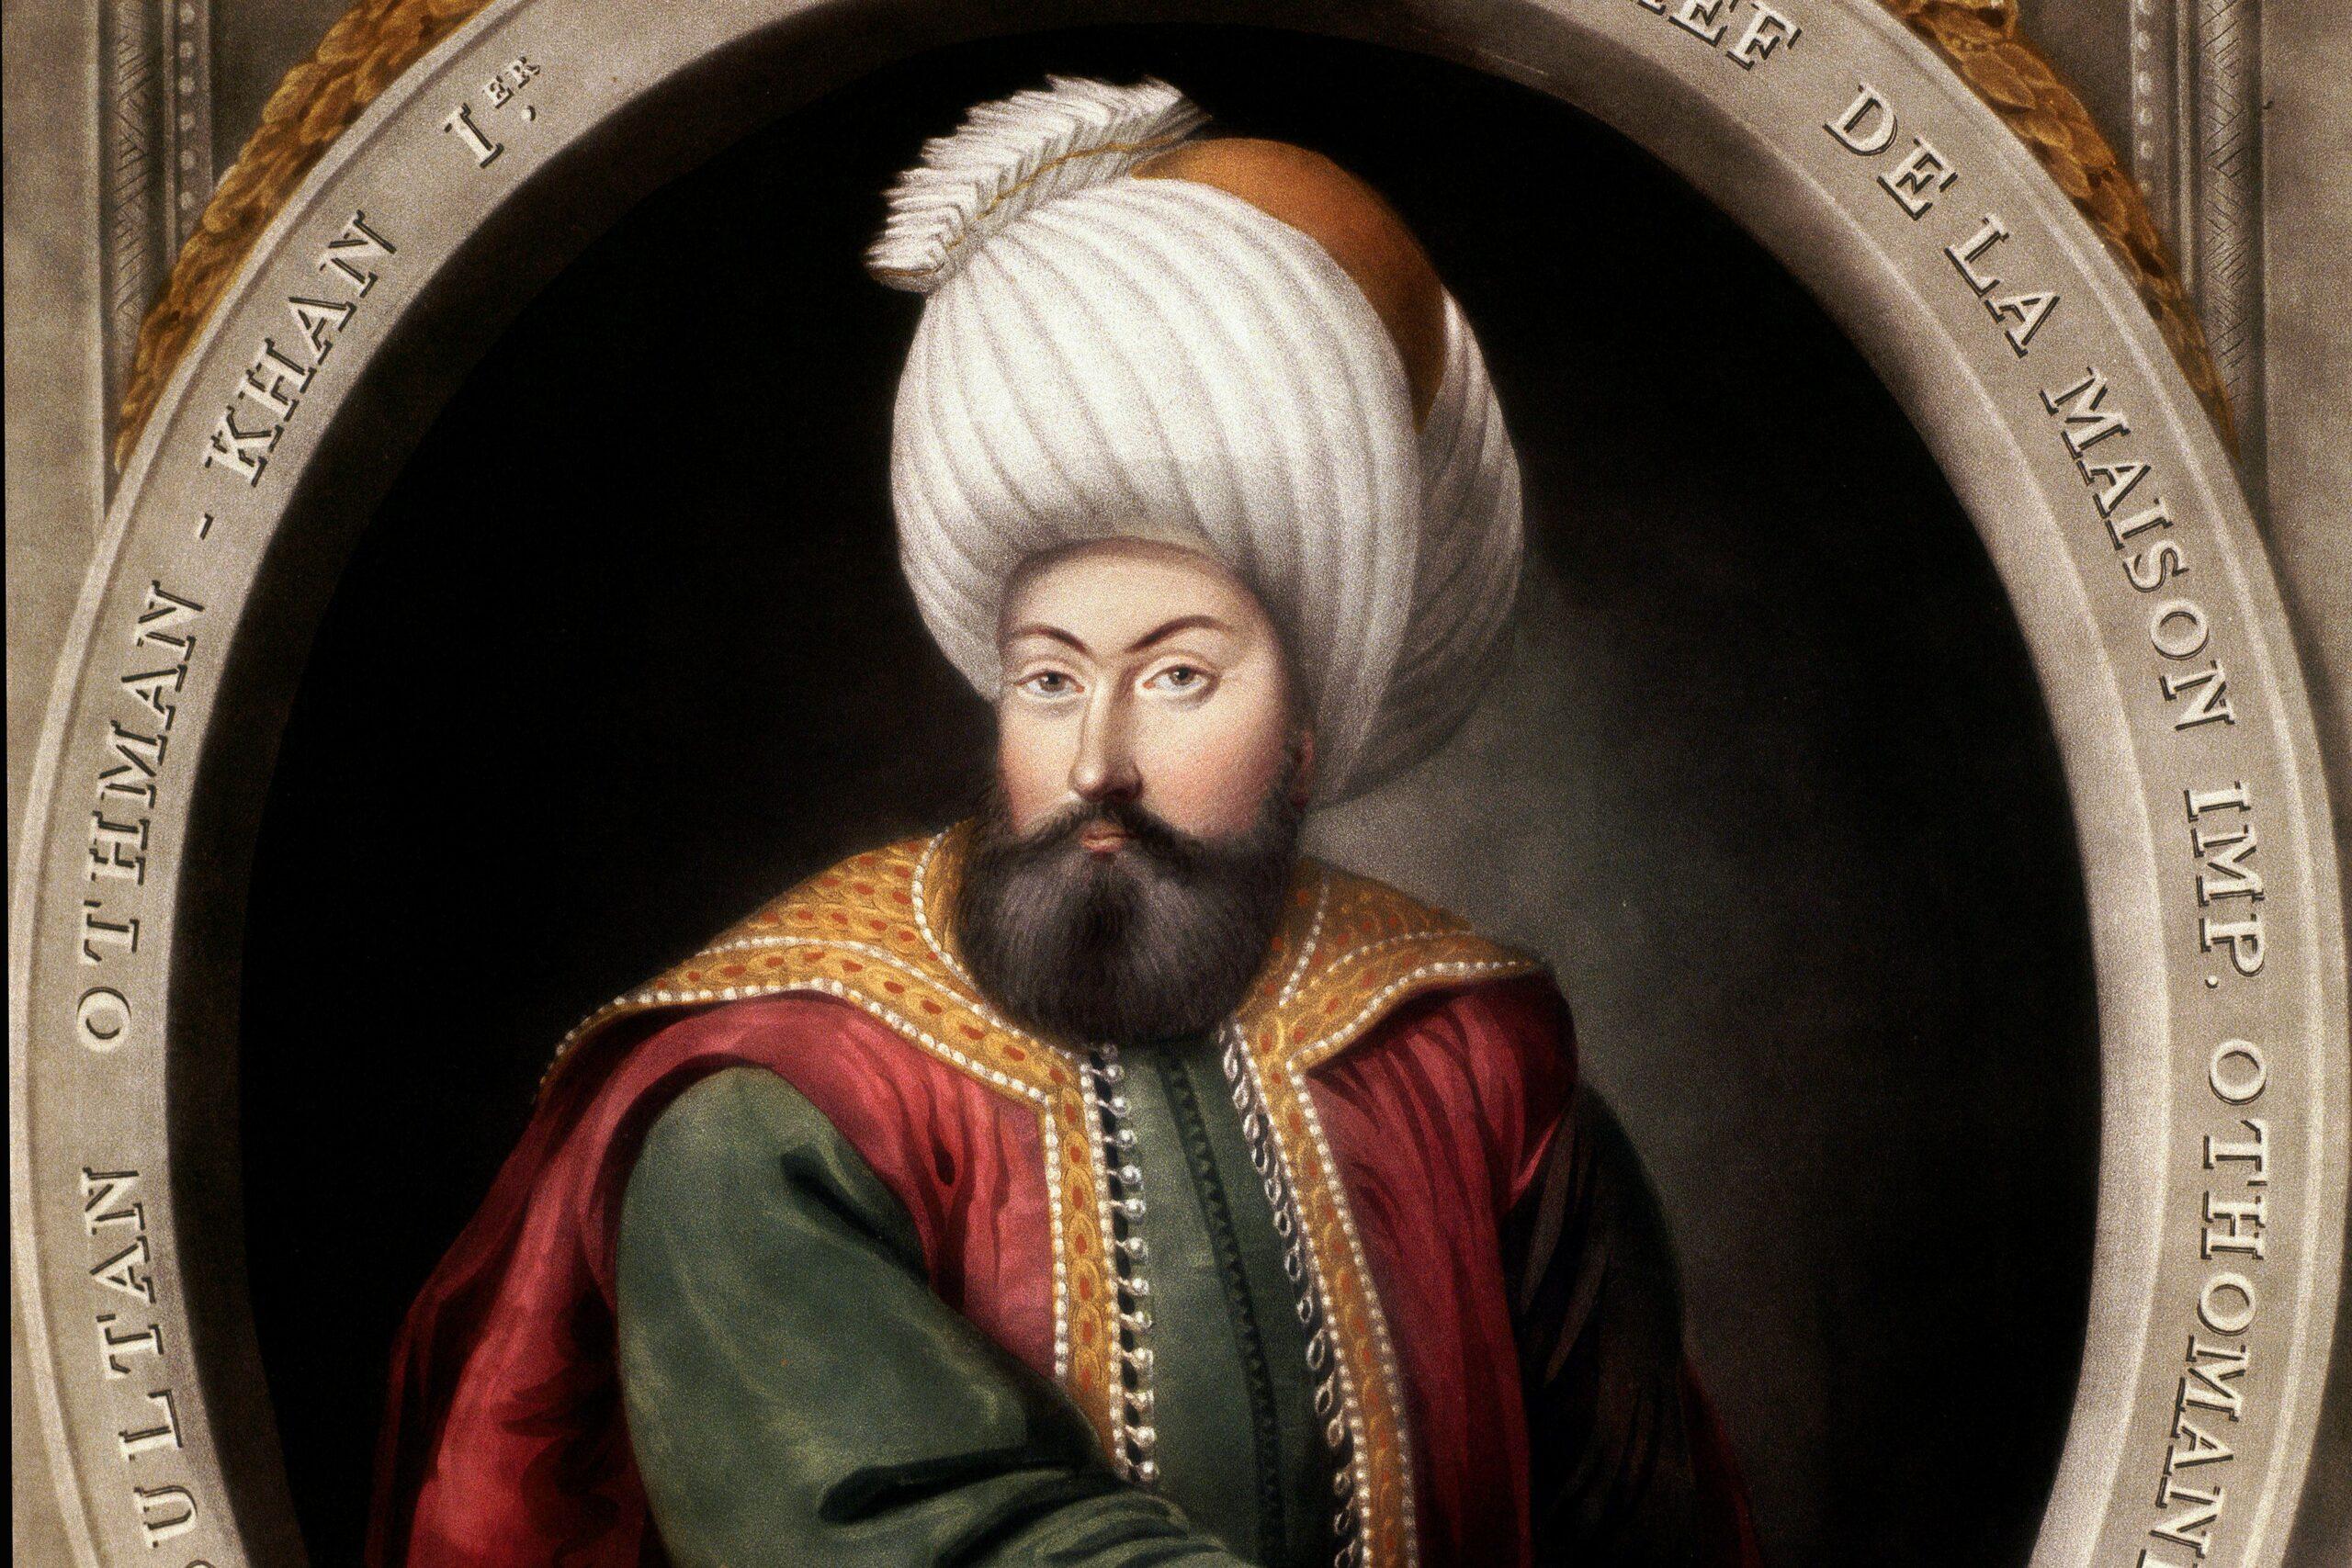 ¡El Último Retrato del Sultán Mehmed el Conquistador!